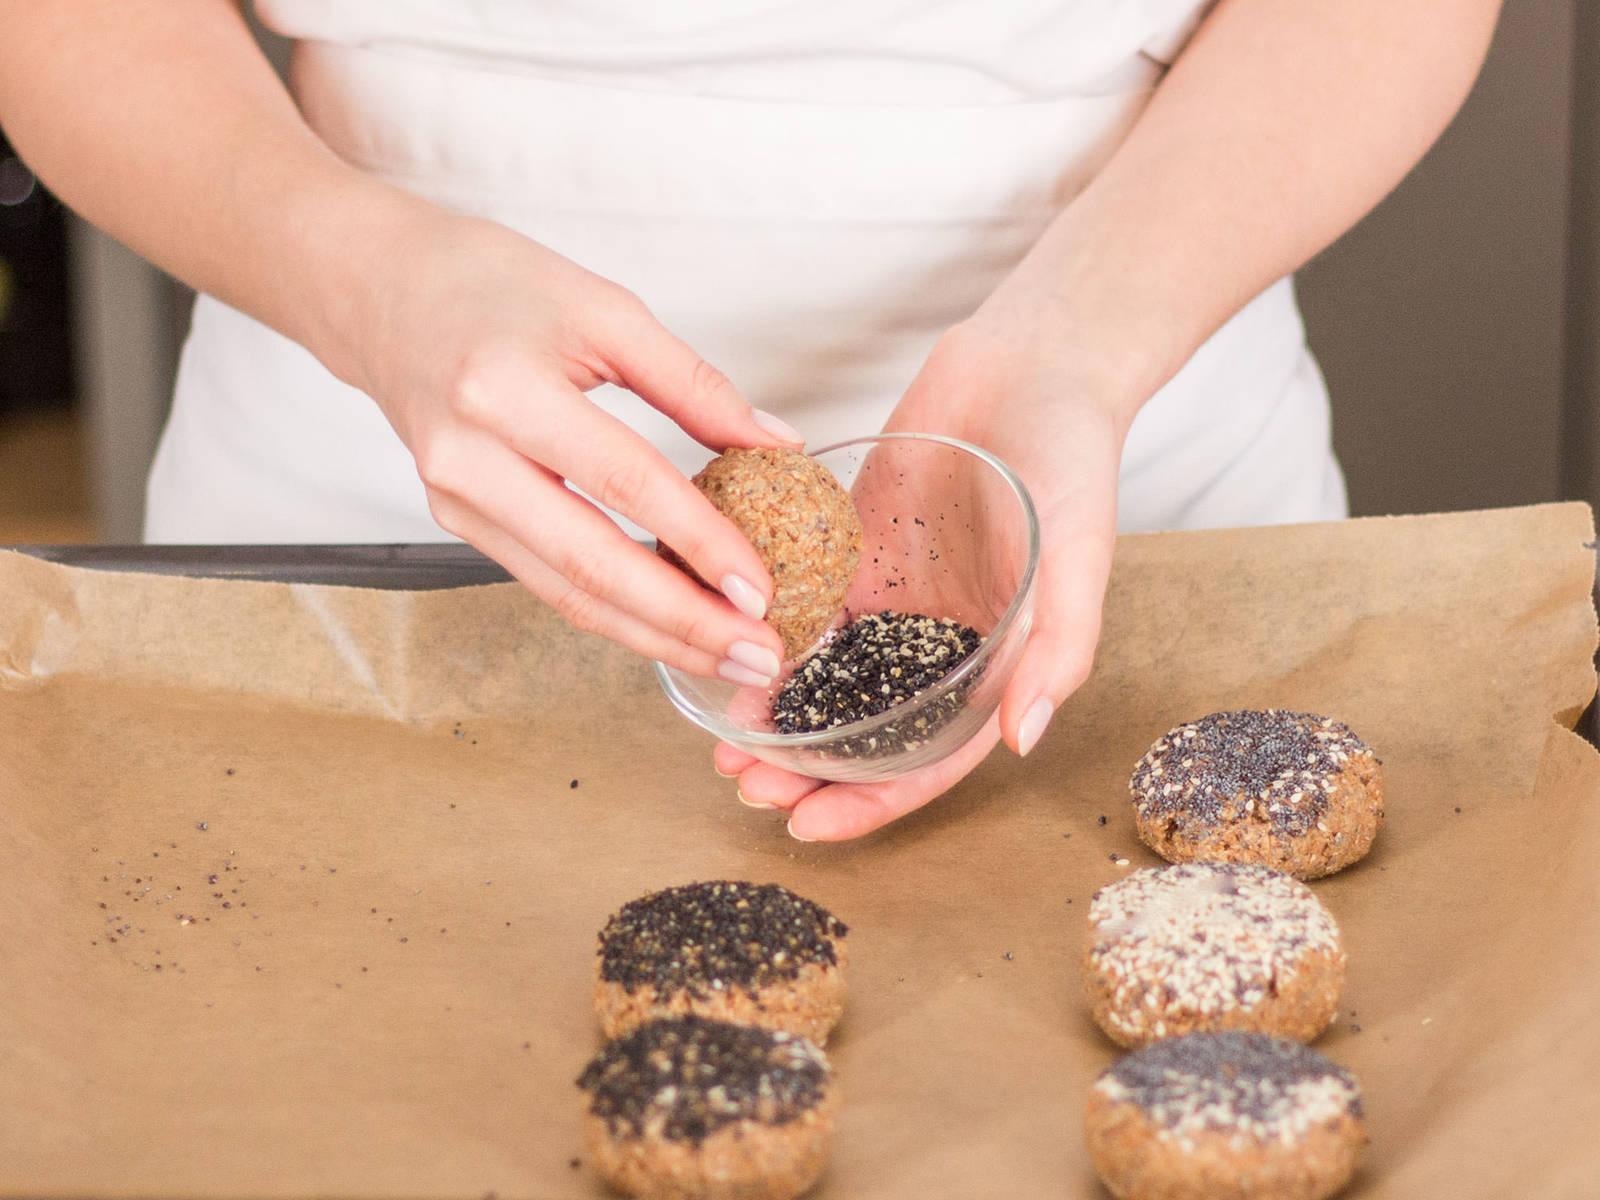 将面团捏成小球,放到铺好烘焙纸的烤盘上。蘸上黑芝麻、白芝麻或罂粟籽。以180度烘烤20-30分钟。尽情享用吧!